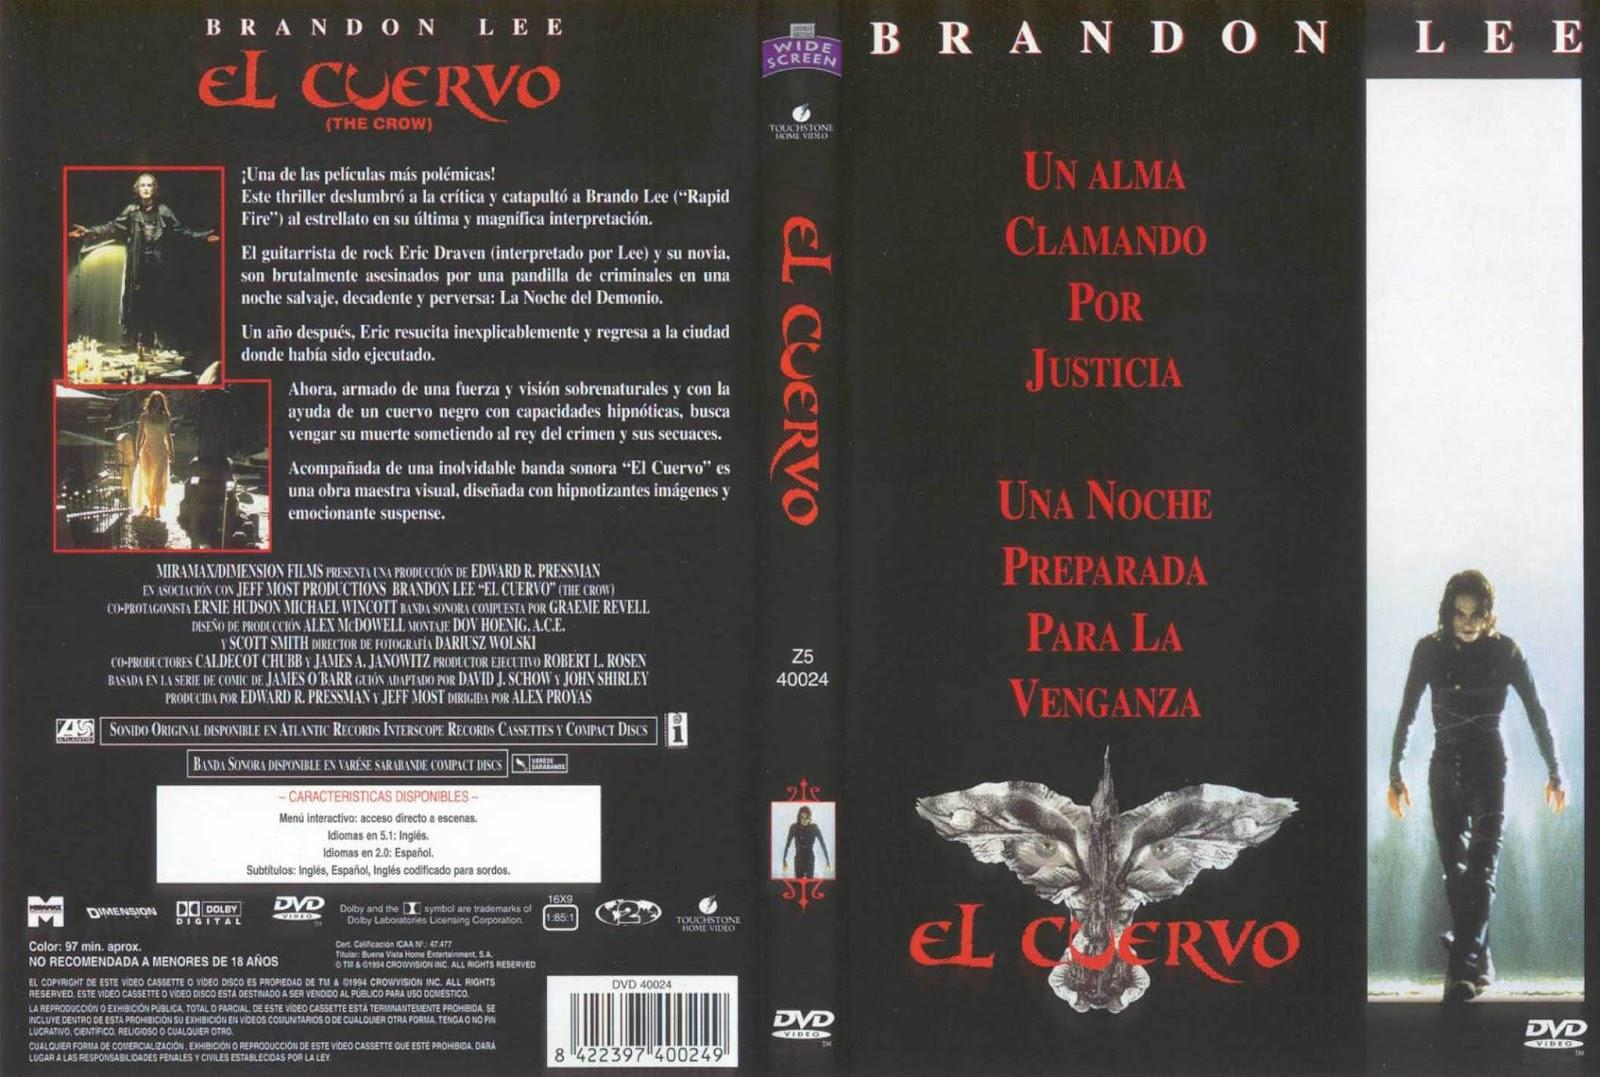 El cuervo ( 1994 ) DescargaCineClasico.Net